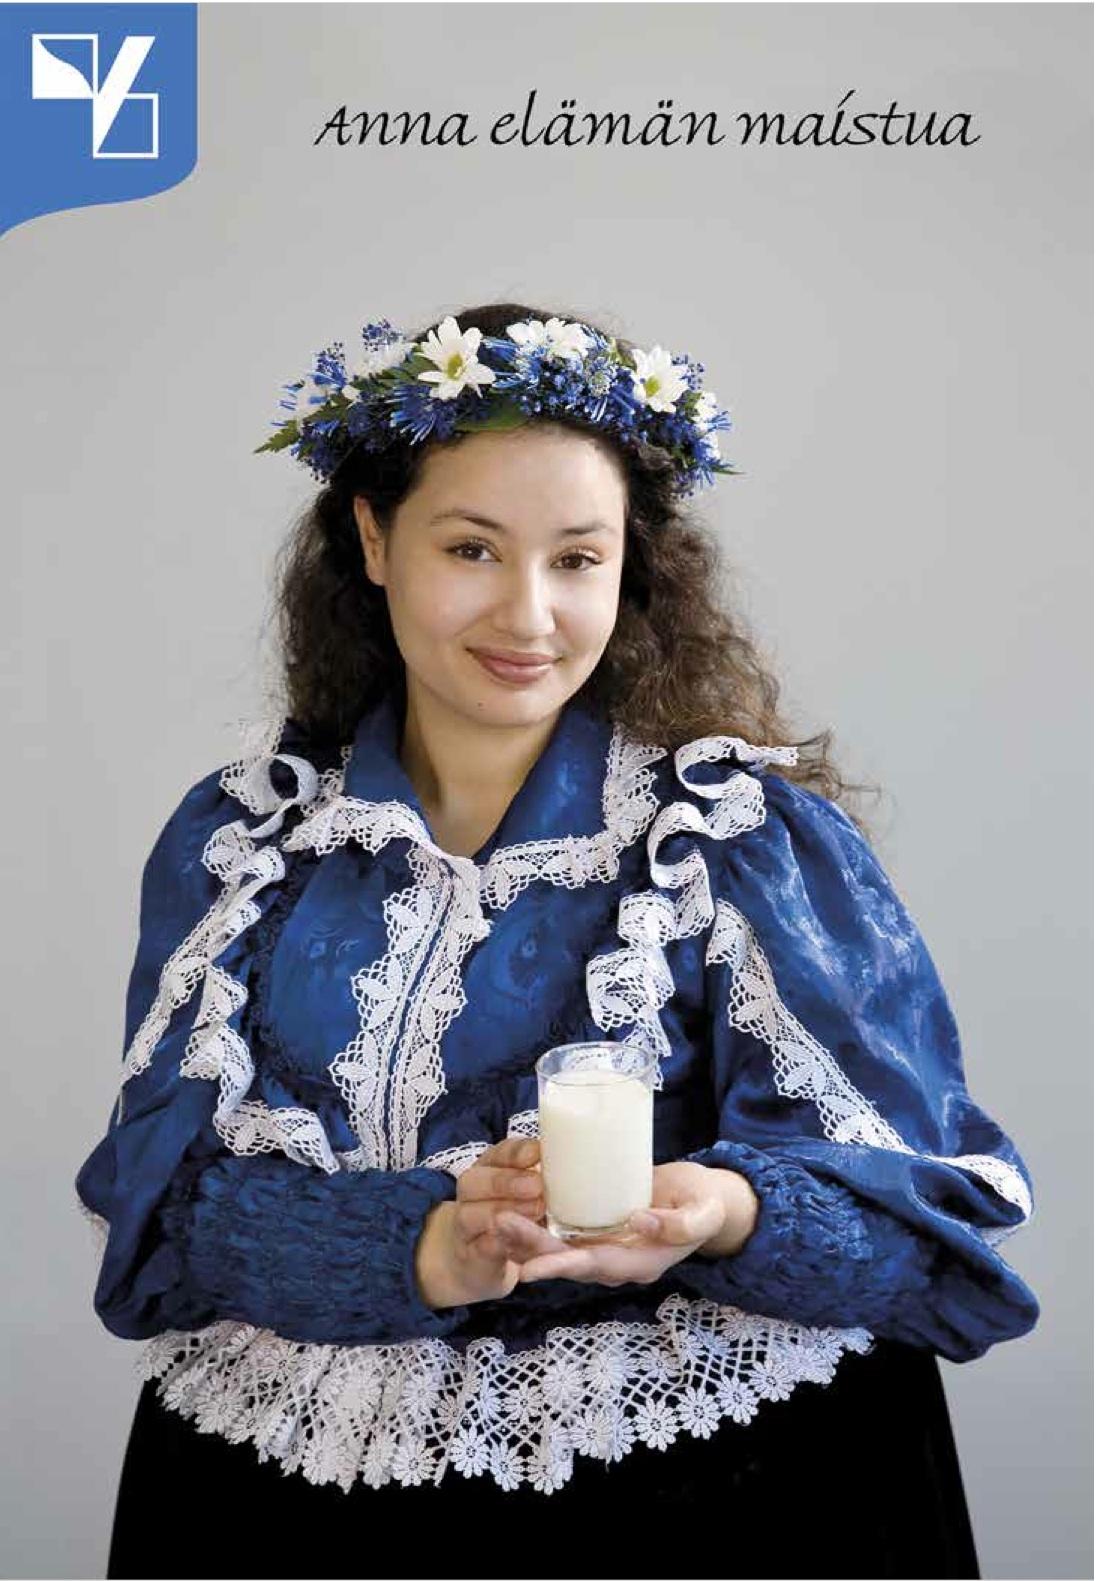 Kun taiteilija Irmeli Huhtala keskusteli tästä teoksesta Valion edustajan kanssa, niin yrityksen kanta oli se, että se saa määritellä kuka saa olla maitotyttö ja miltä maitotyttö saa näyttää. Onneksi taiteilija piti päänsä ja teki teoksen tinkimättä sisällöstä.